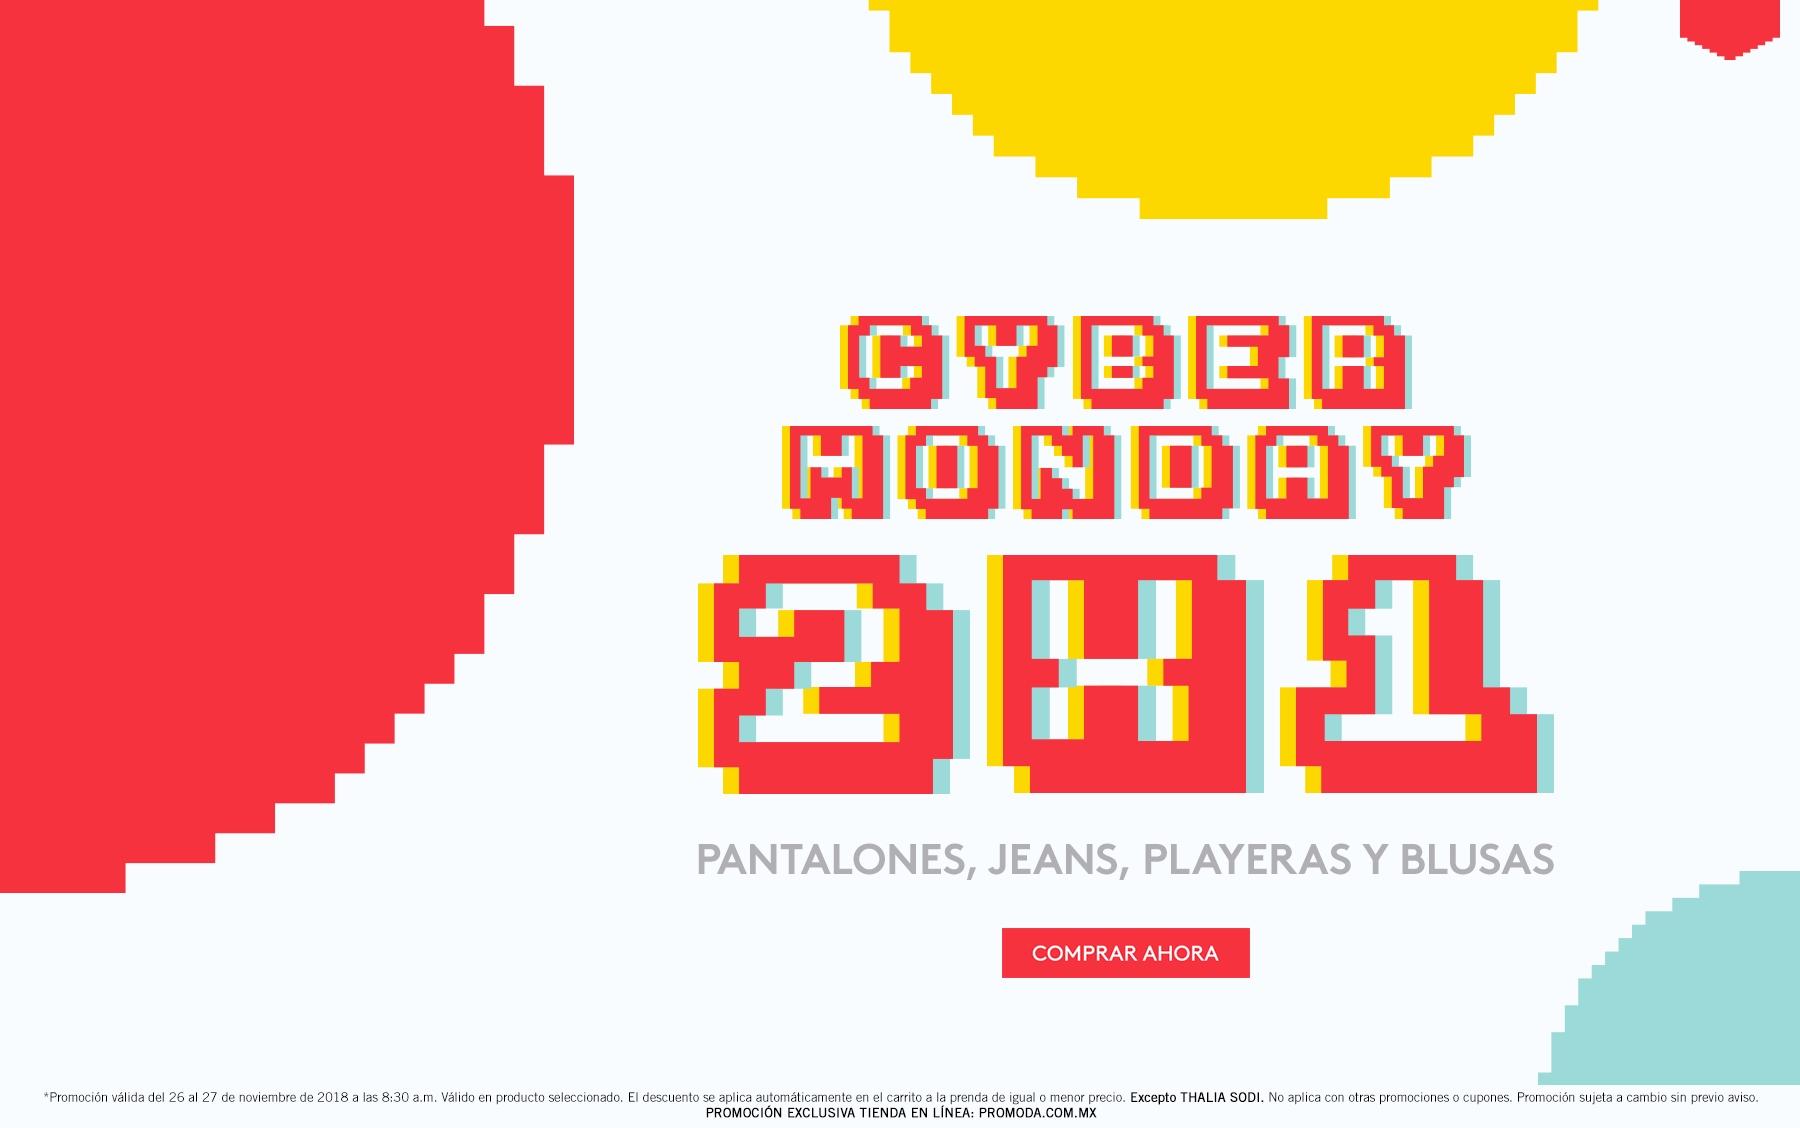 Promoda Outlet: 2 x 1 en pantalones, jeans, playeras y blusas... y descuentos escalonados del 25% al 45%